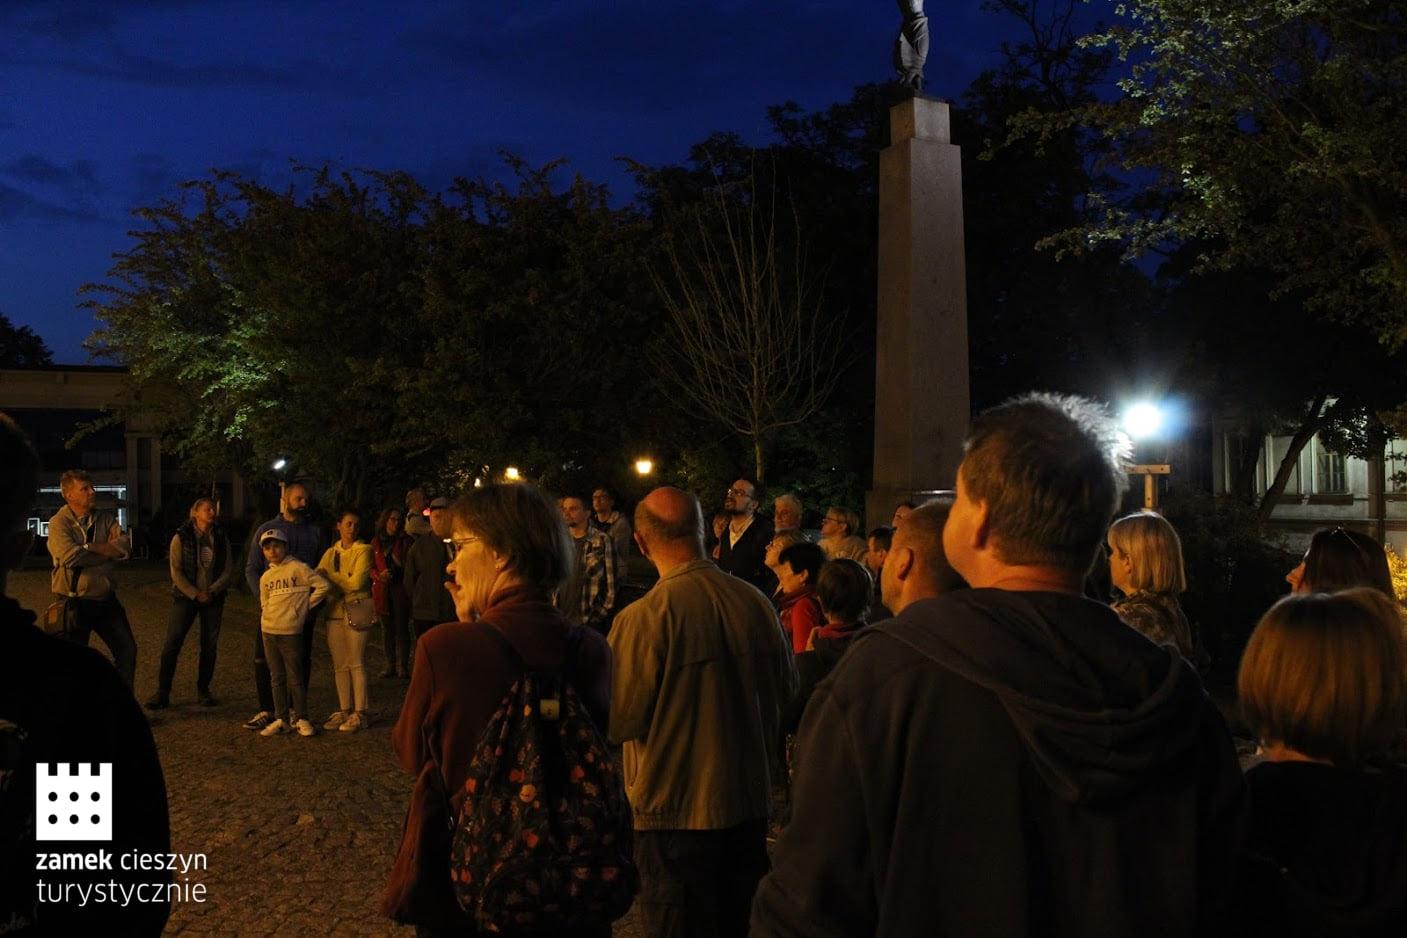 Nocny spacer z Zamkiem Cieszyn